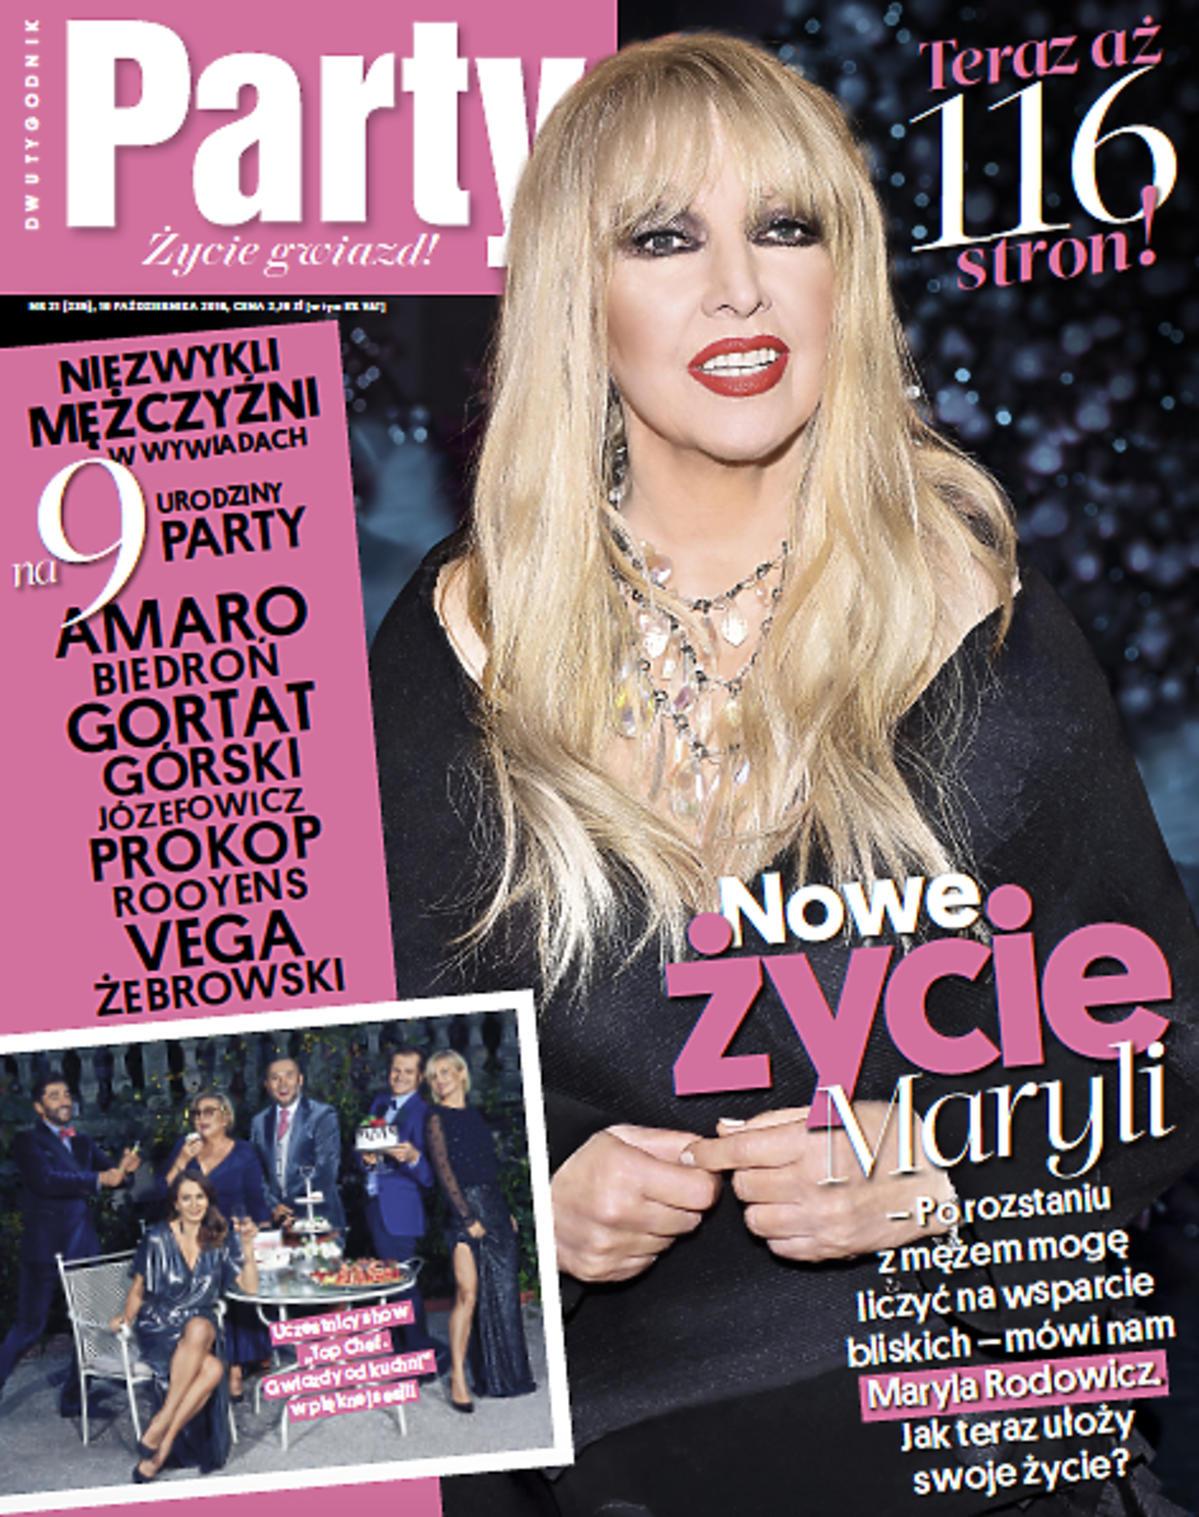 Maryla Rodowicz na okładce urodzinowego numeru Party